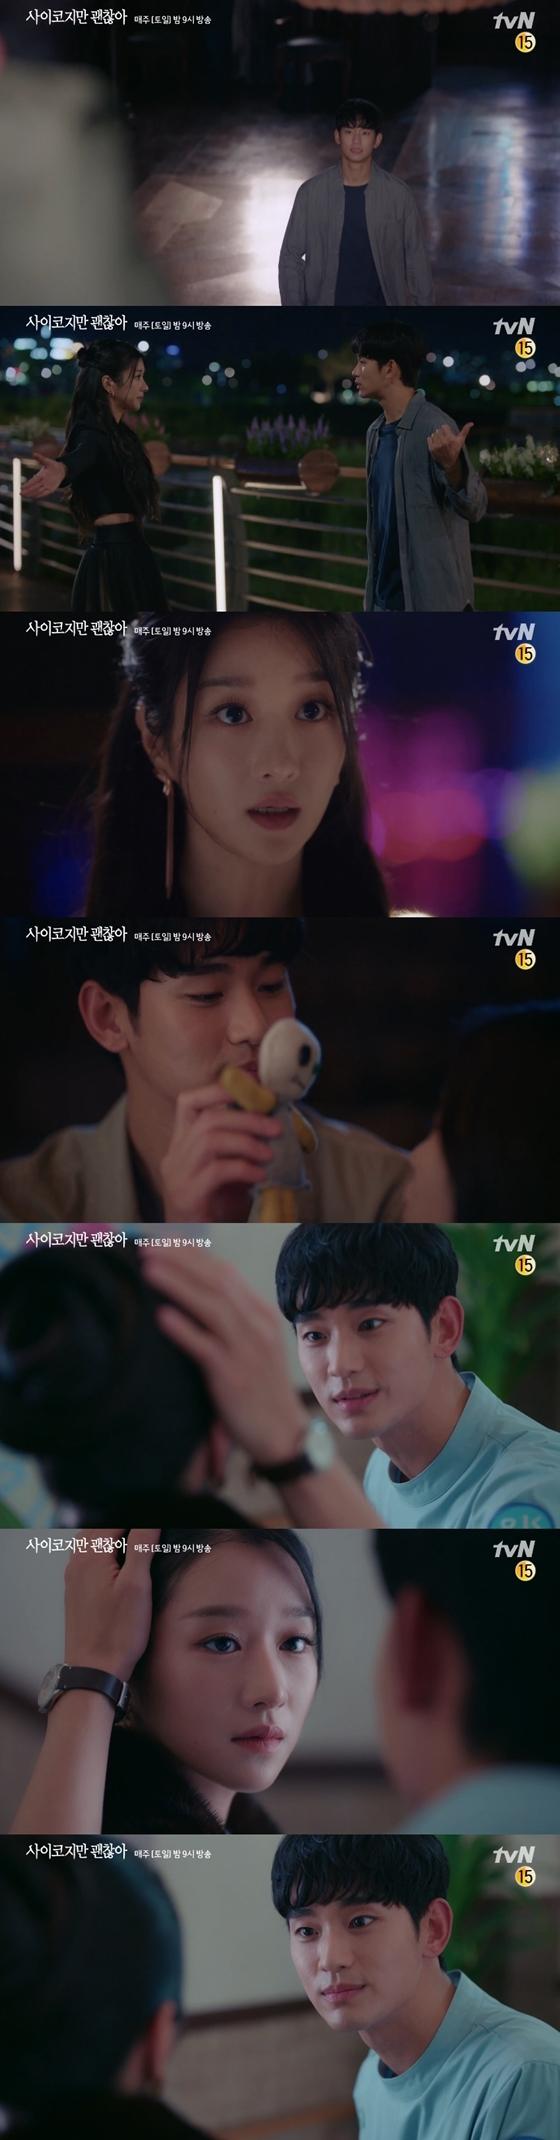 /사진=tvN 토일드라마 '사이코지만 괜찮아' 7회 예고 영상 캡처